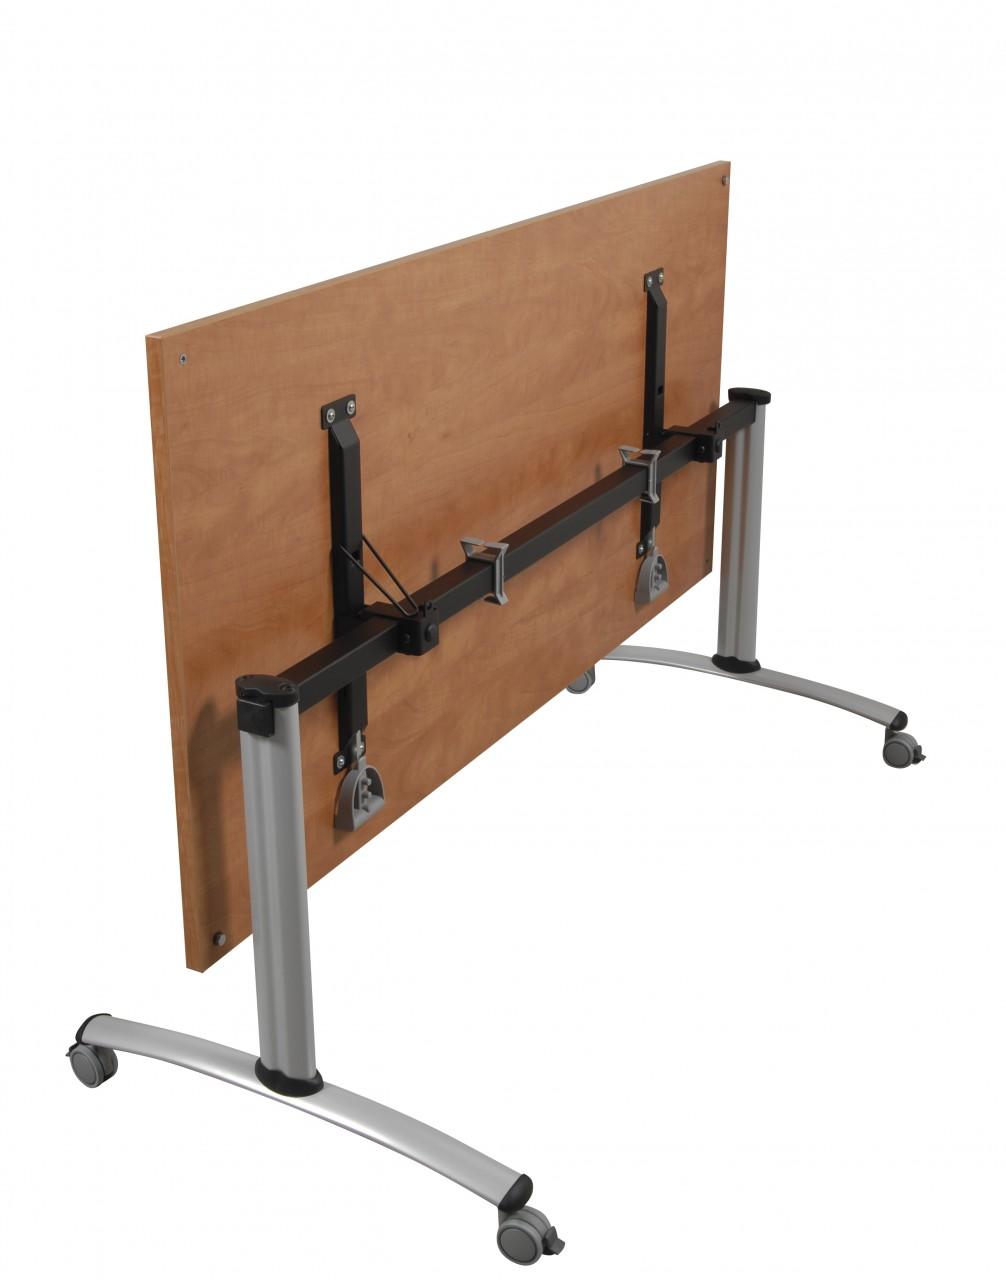 Table de r union basculante abattante 120 cm achat - Grande table de reunion ...